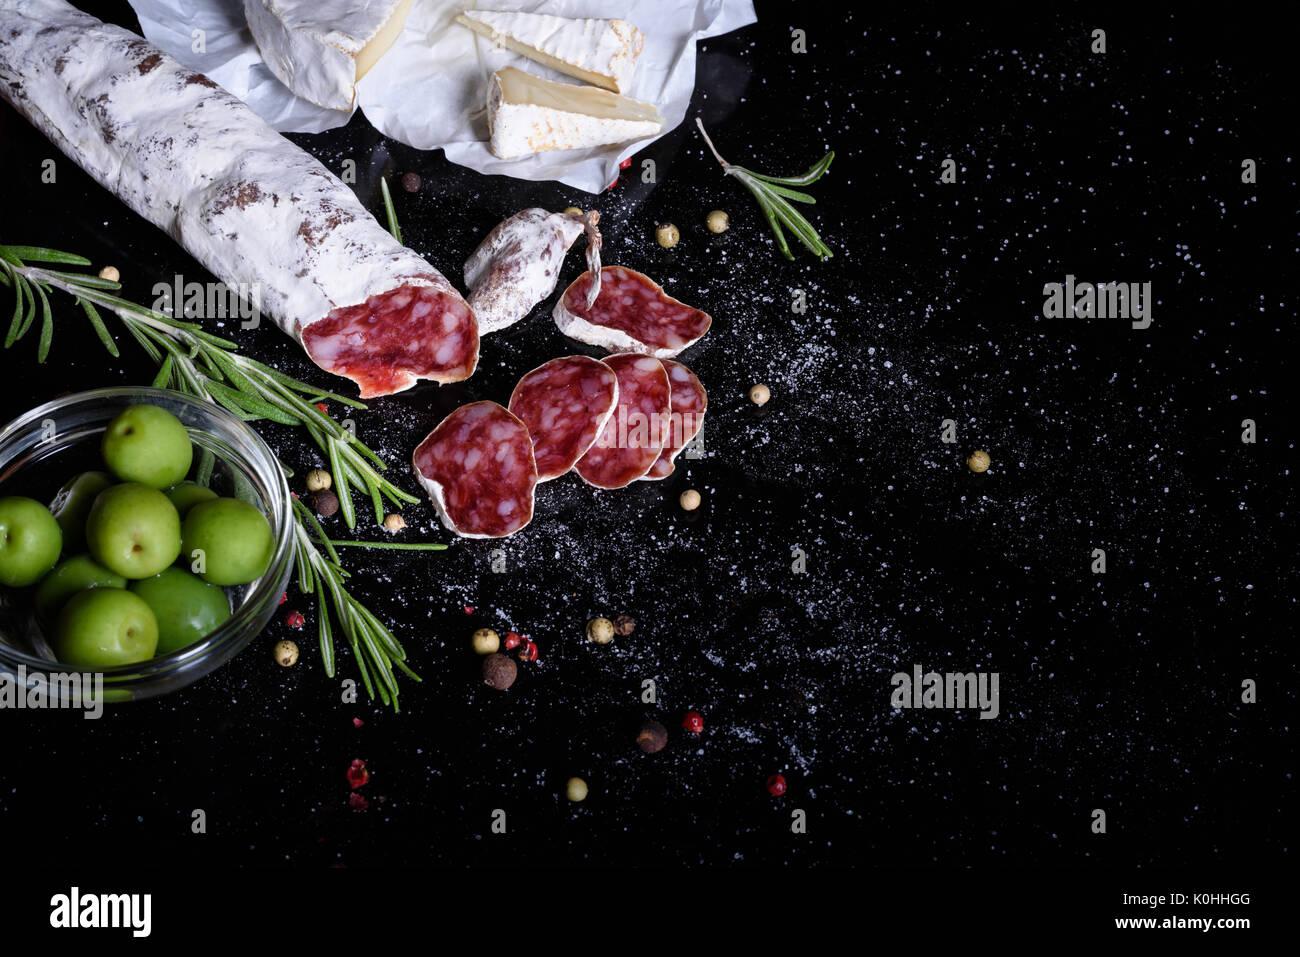 Aperitivo tradicional española sobre fondo negro. Fuet embutido con queso y aceitunas. Vista desde arriba. Imagen De Stock